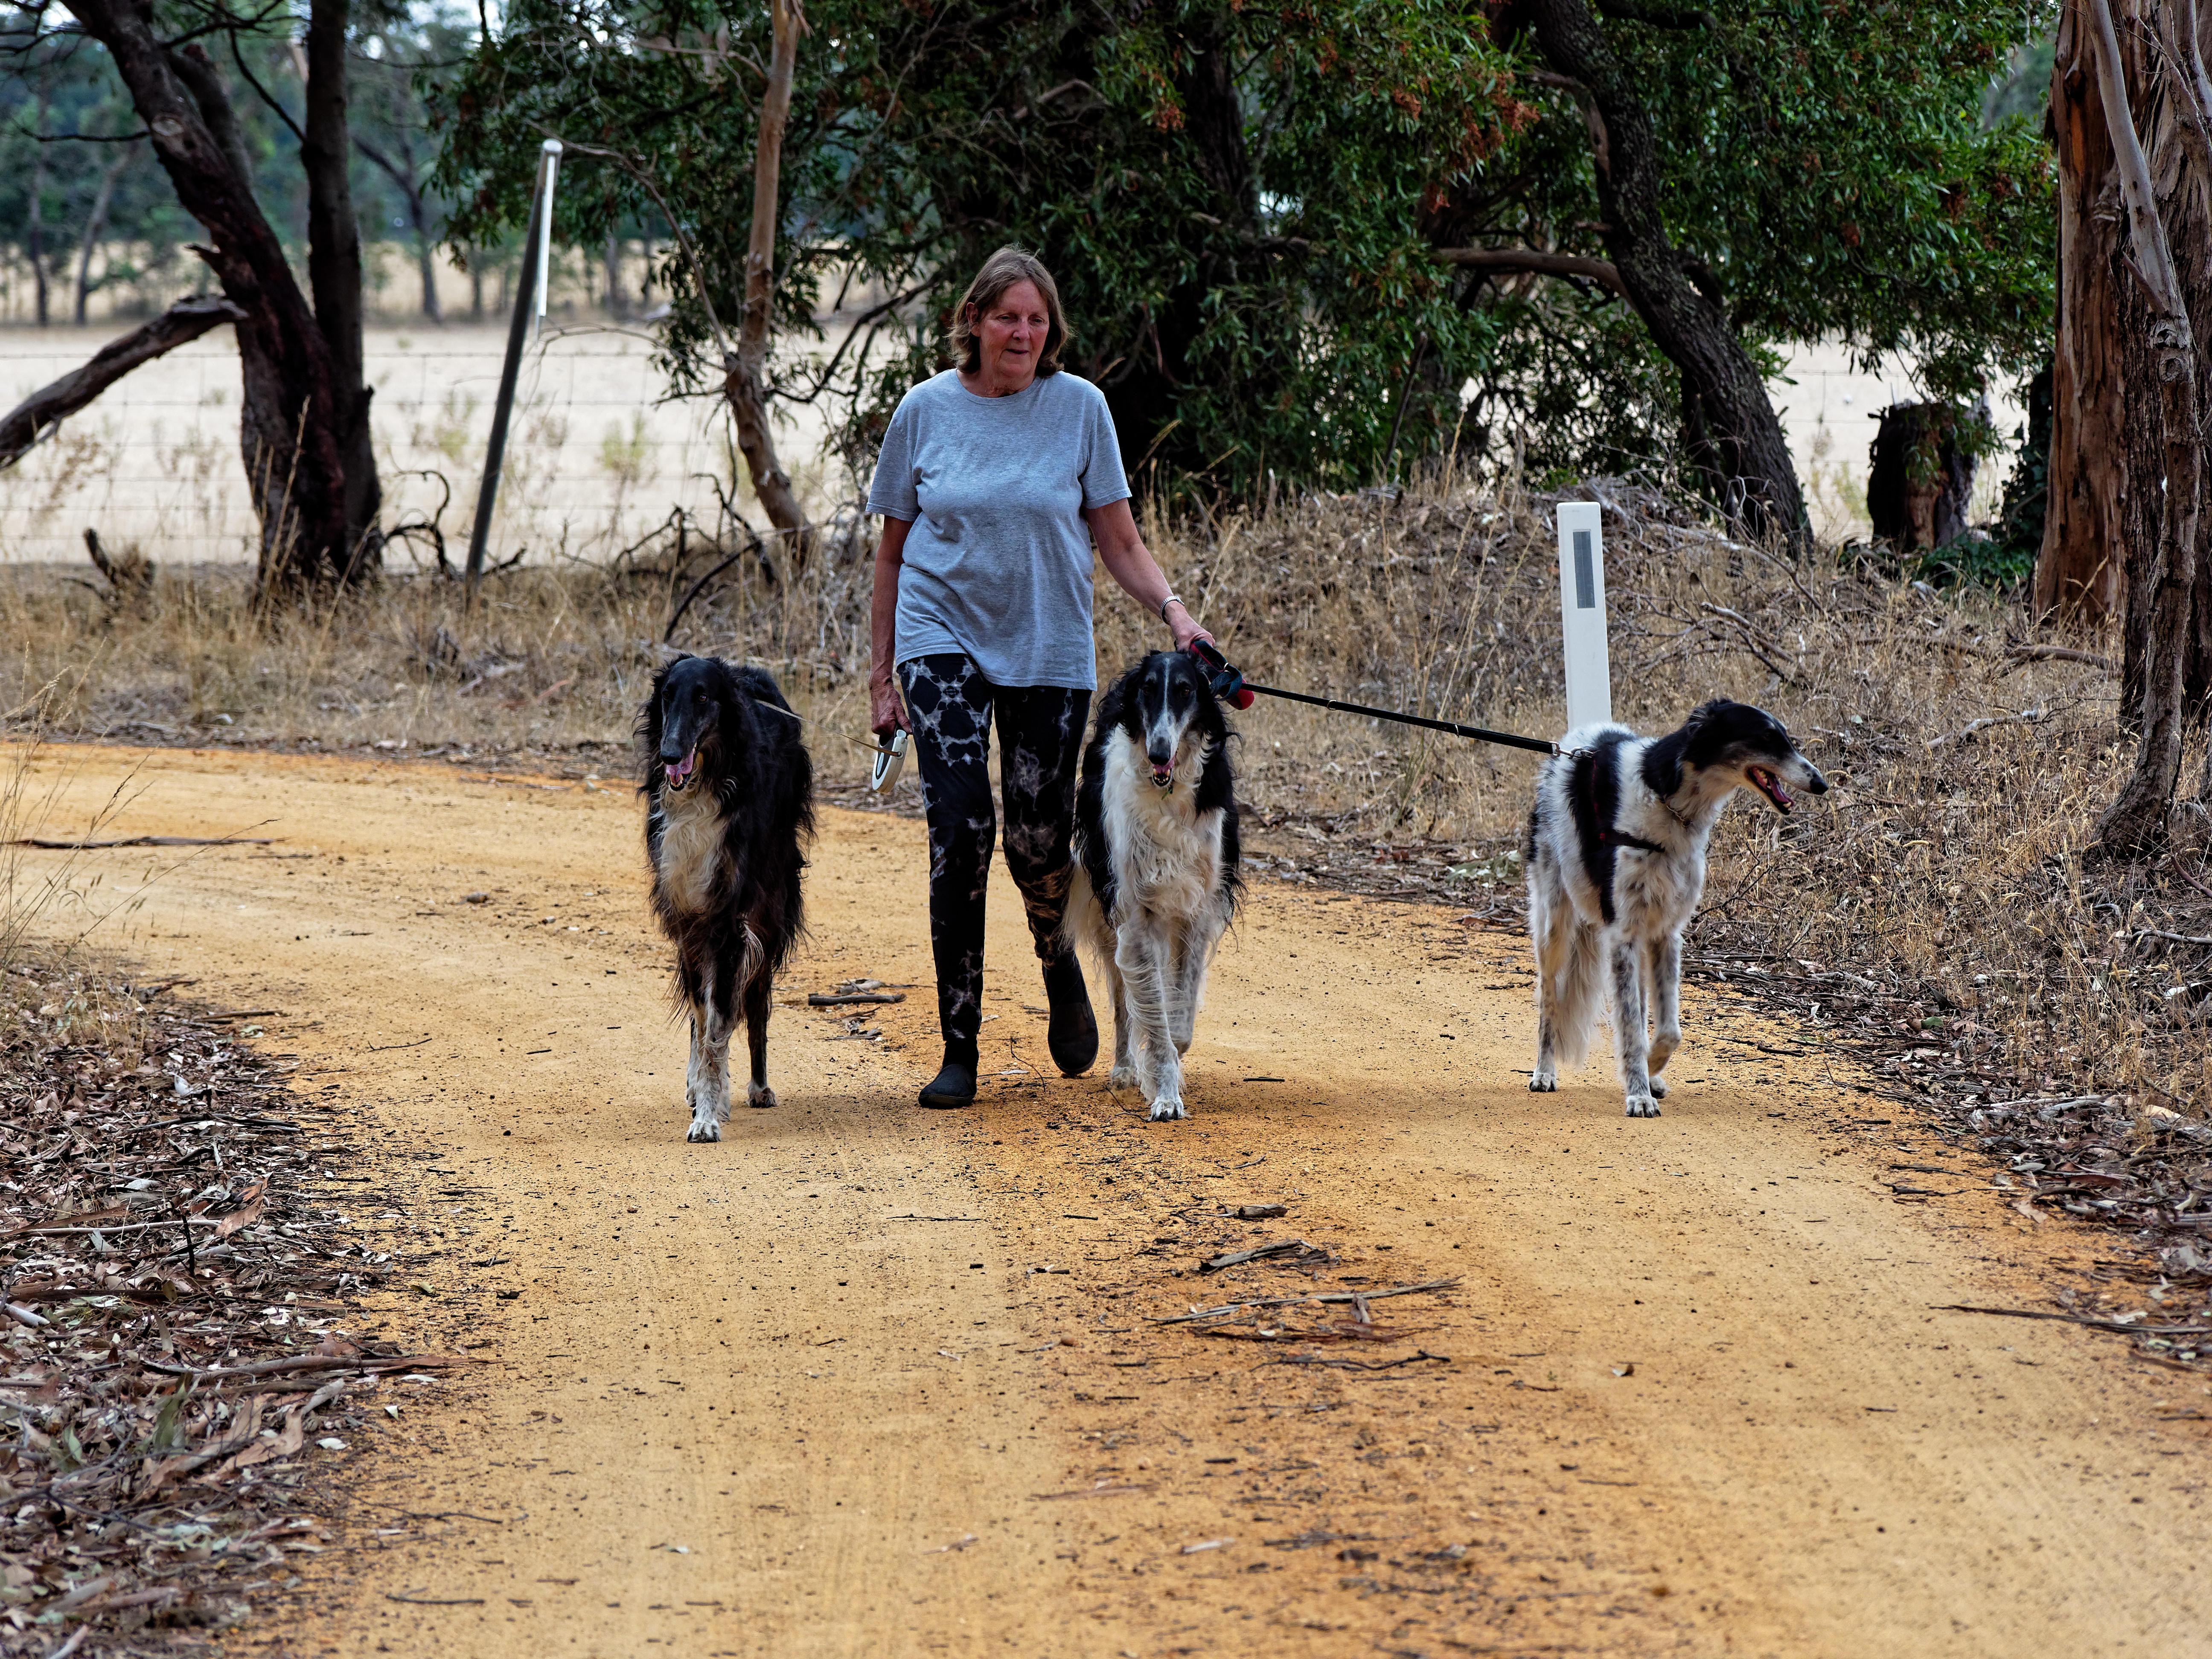 Walking-dogs-35.jpeg